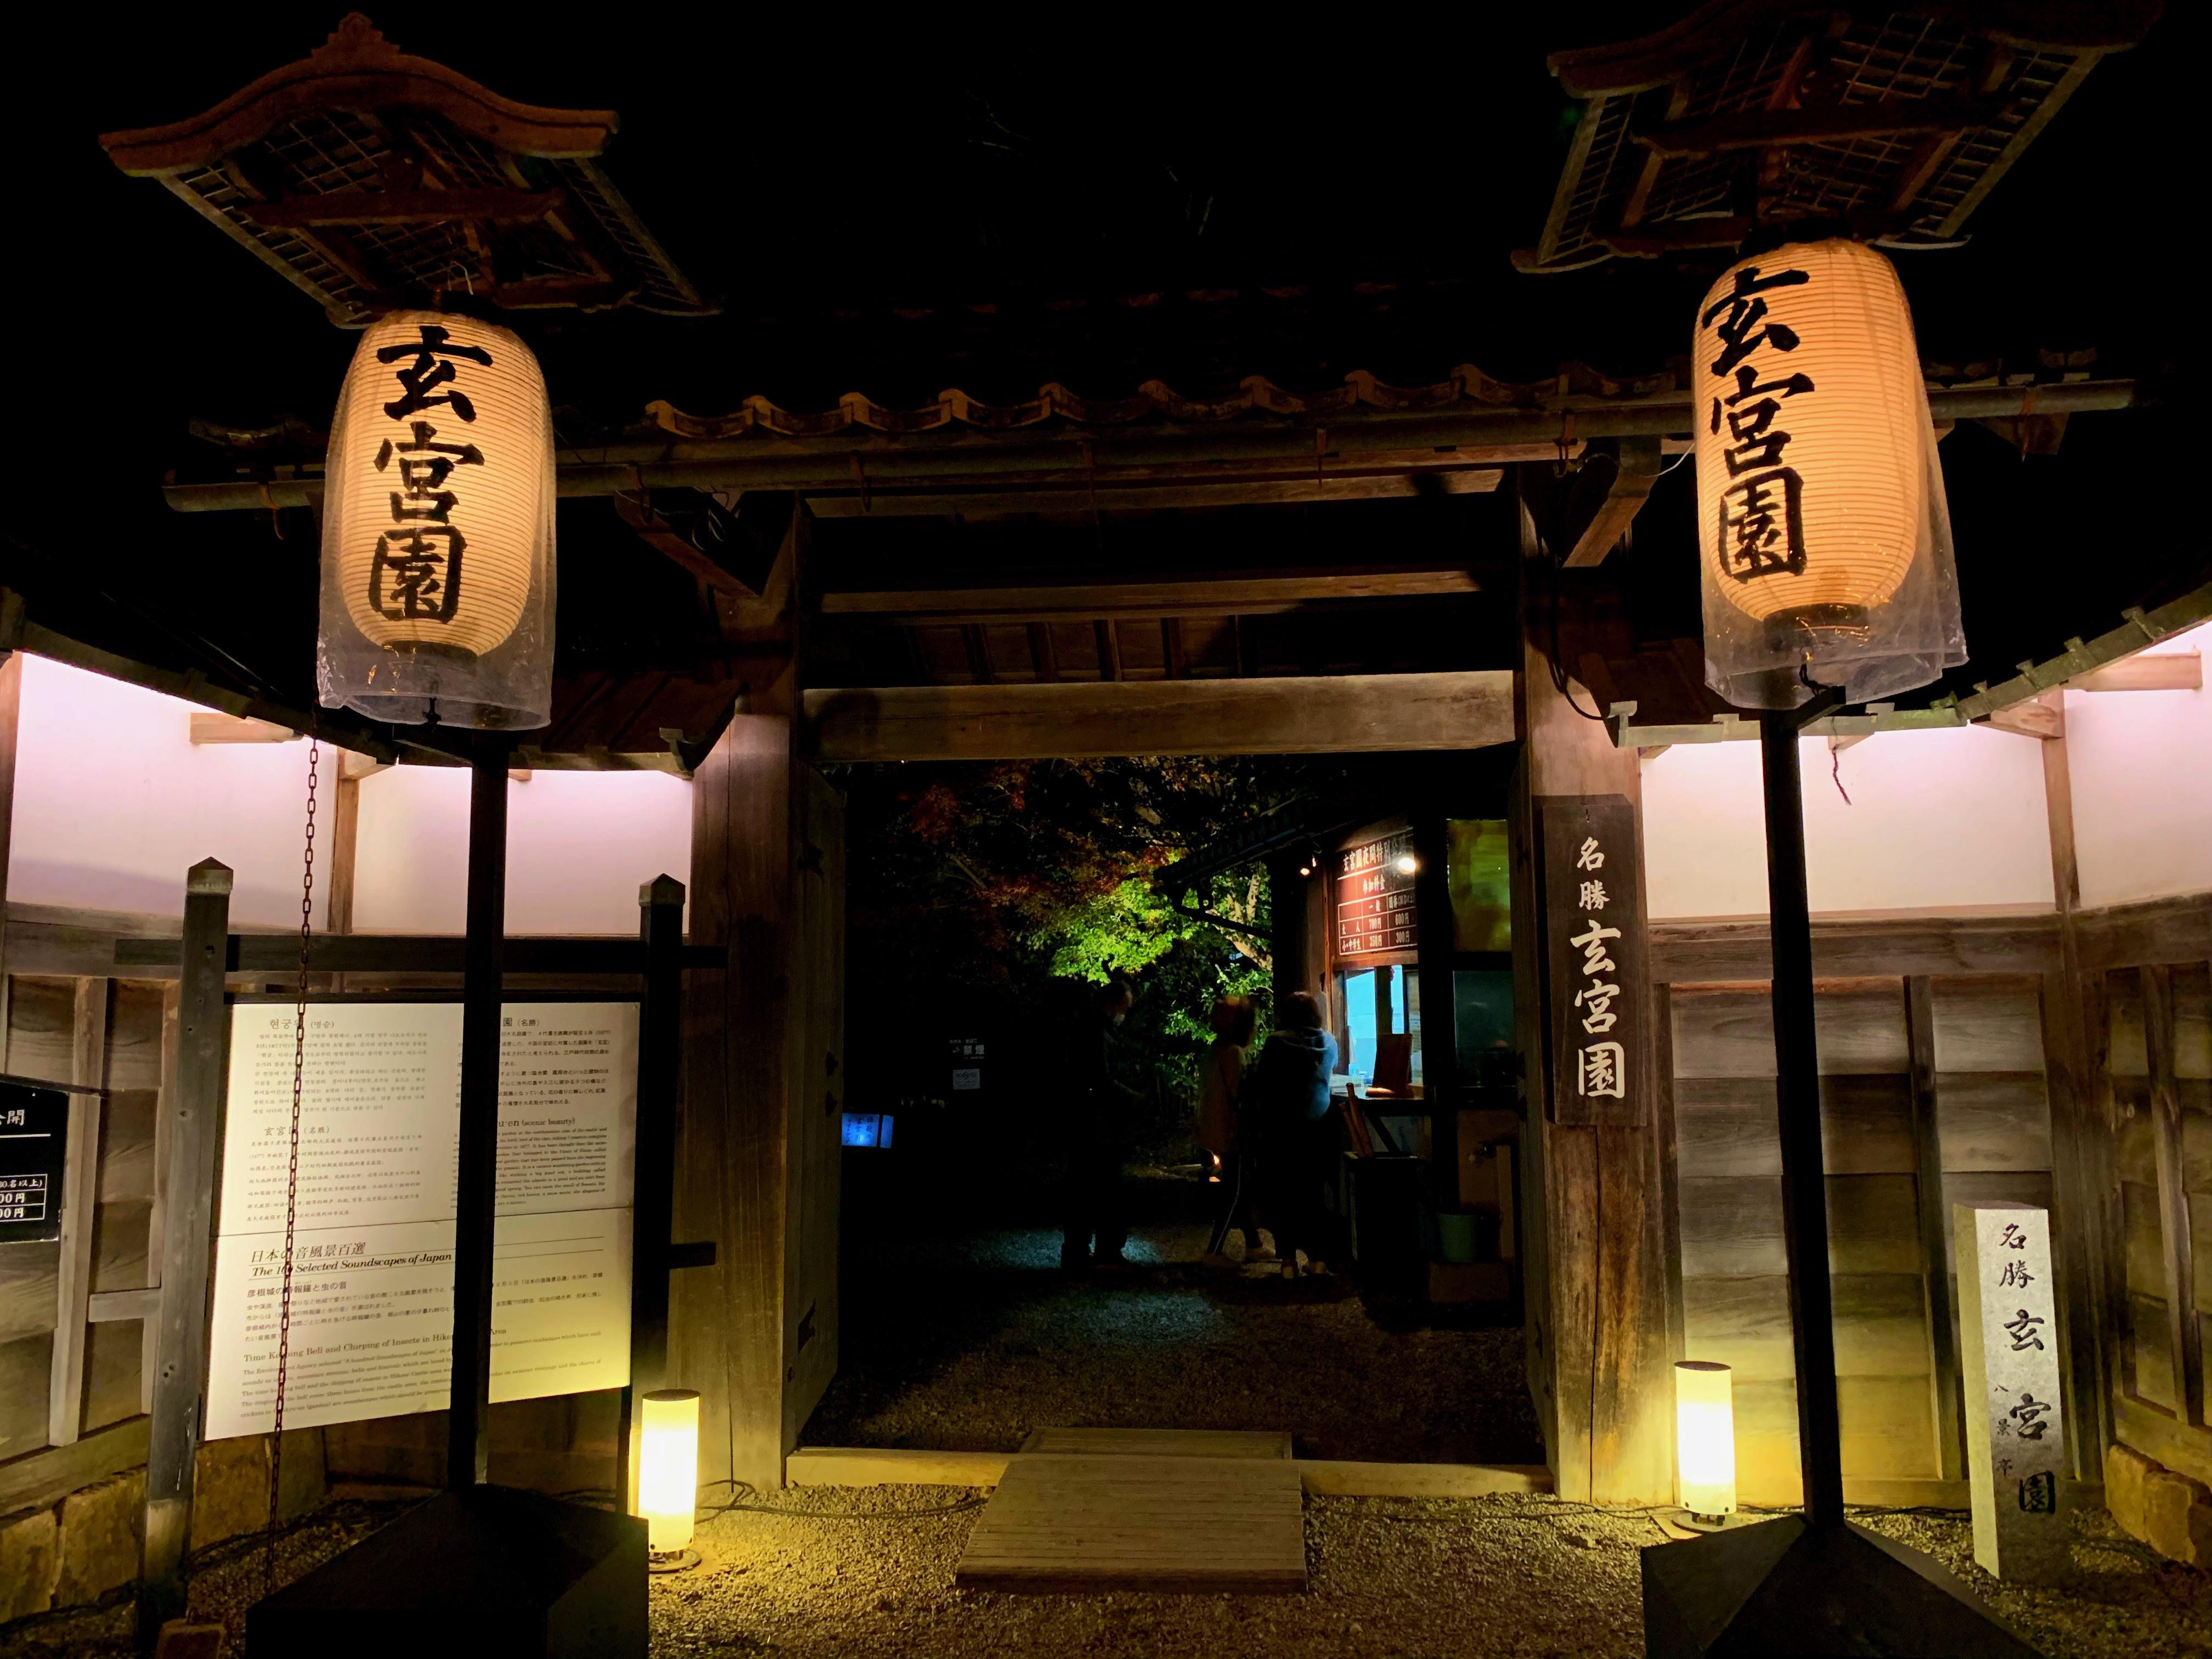 ライトアップされた玄宮園の入り口